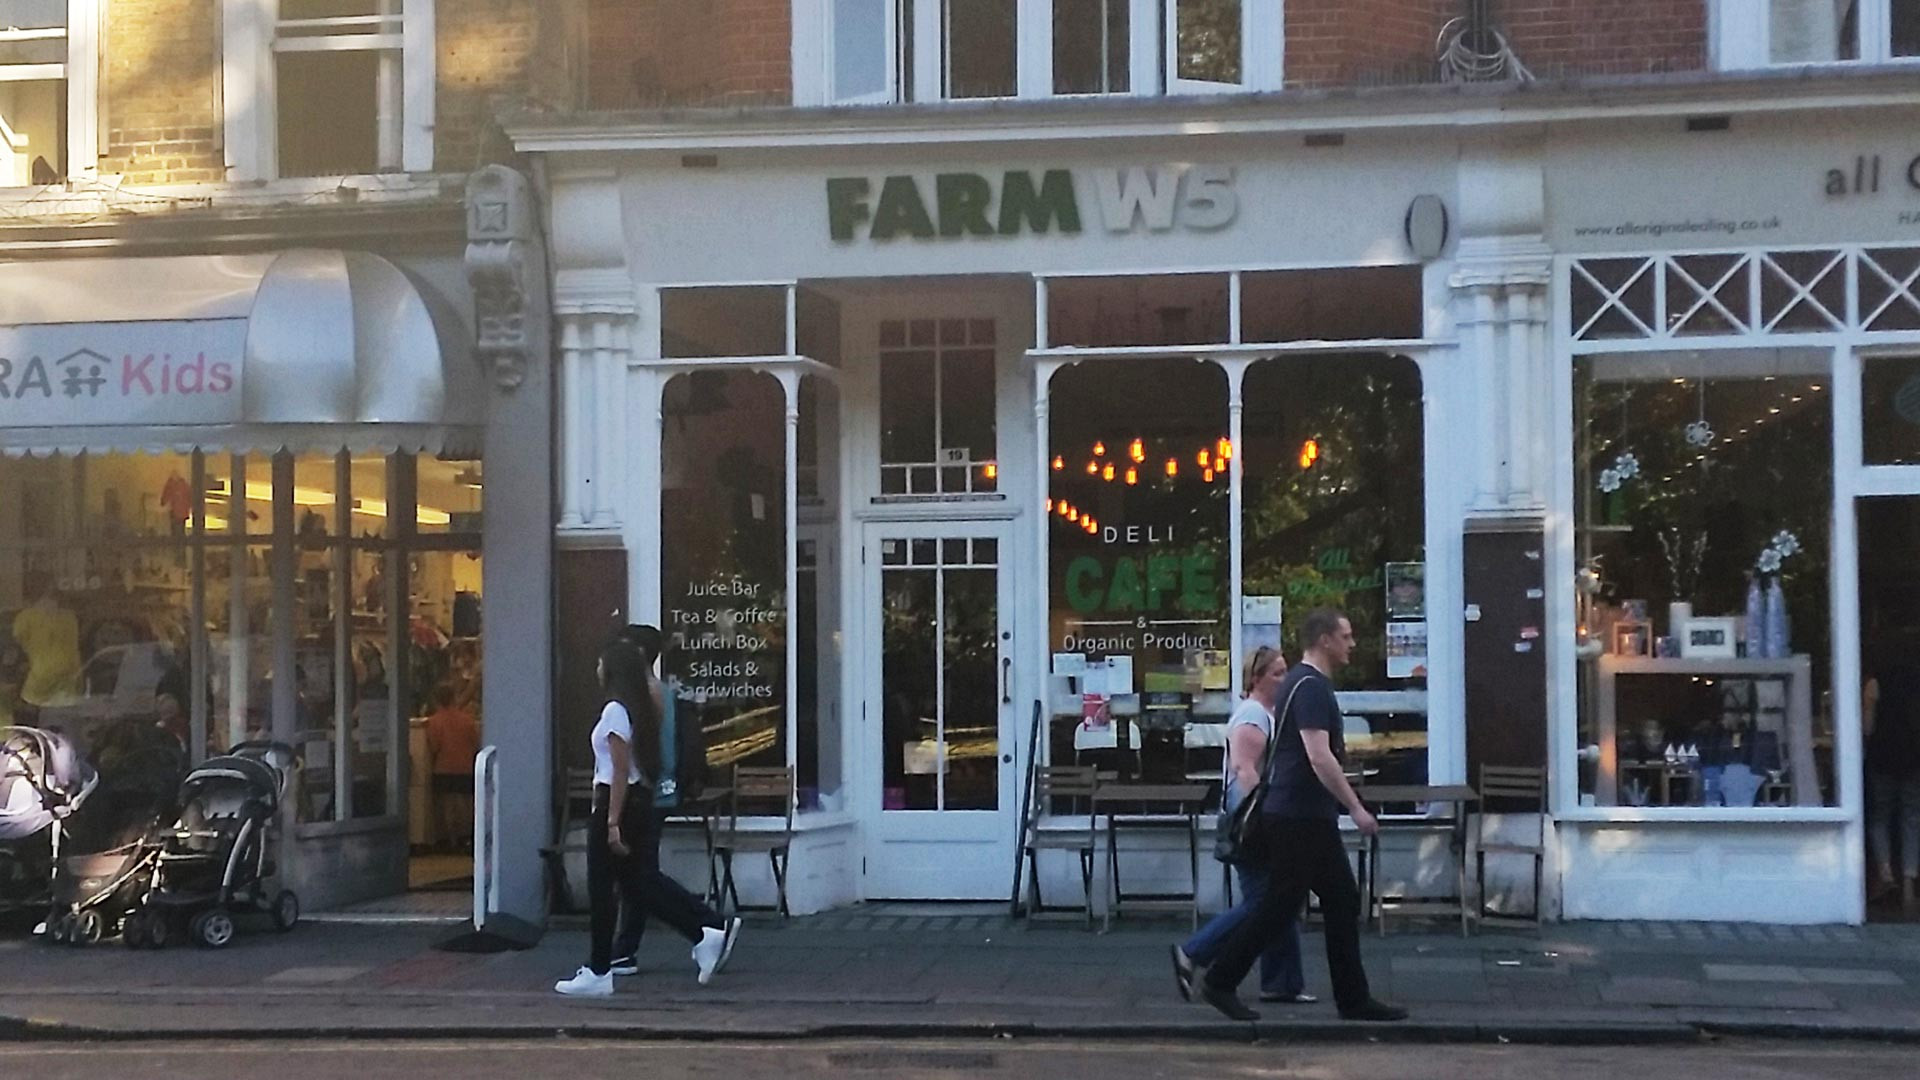 FarmW5